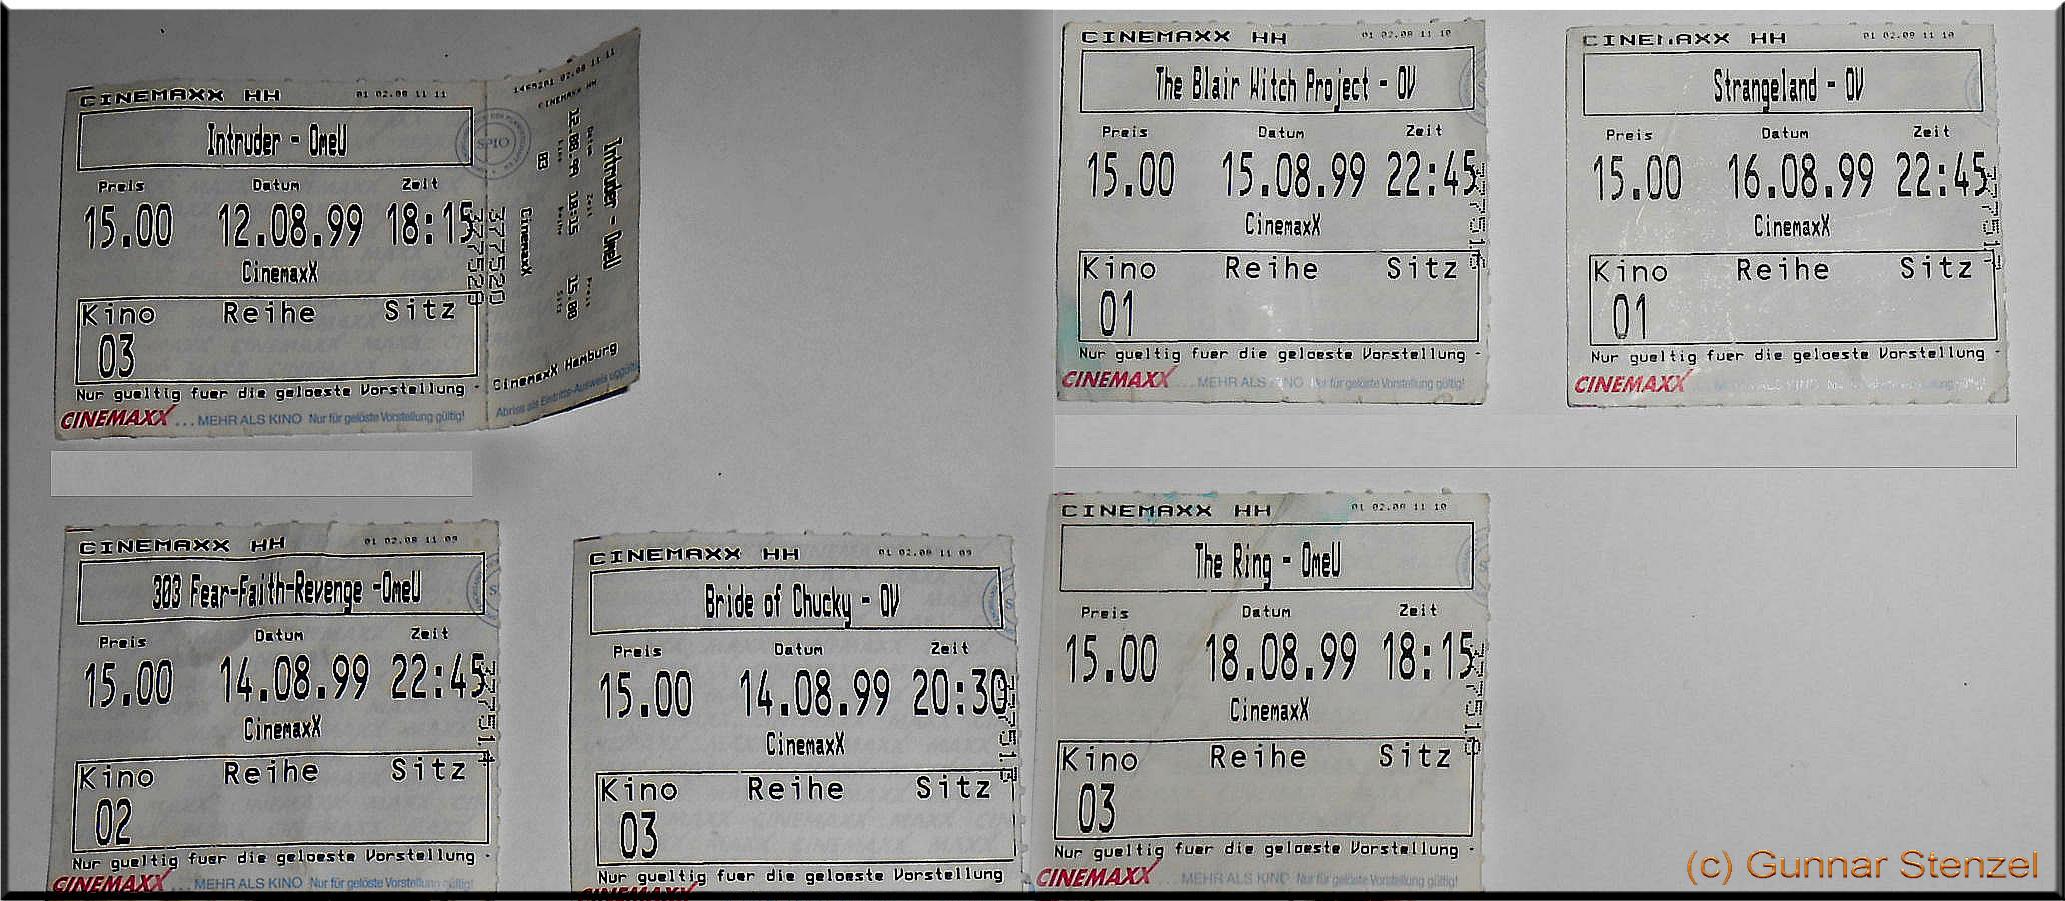 Originale Kinokarten FFF Hamburg 1999